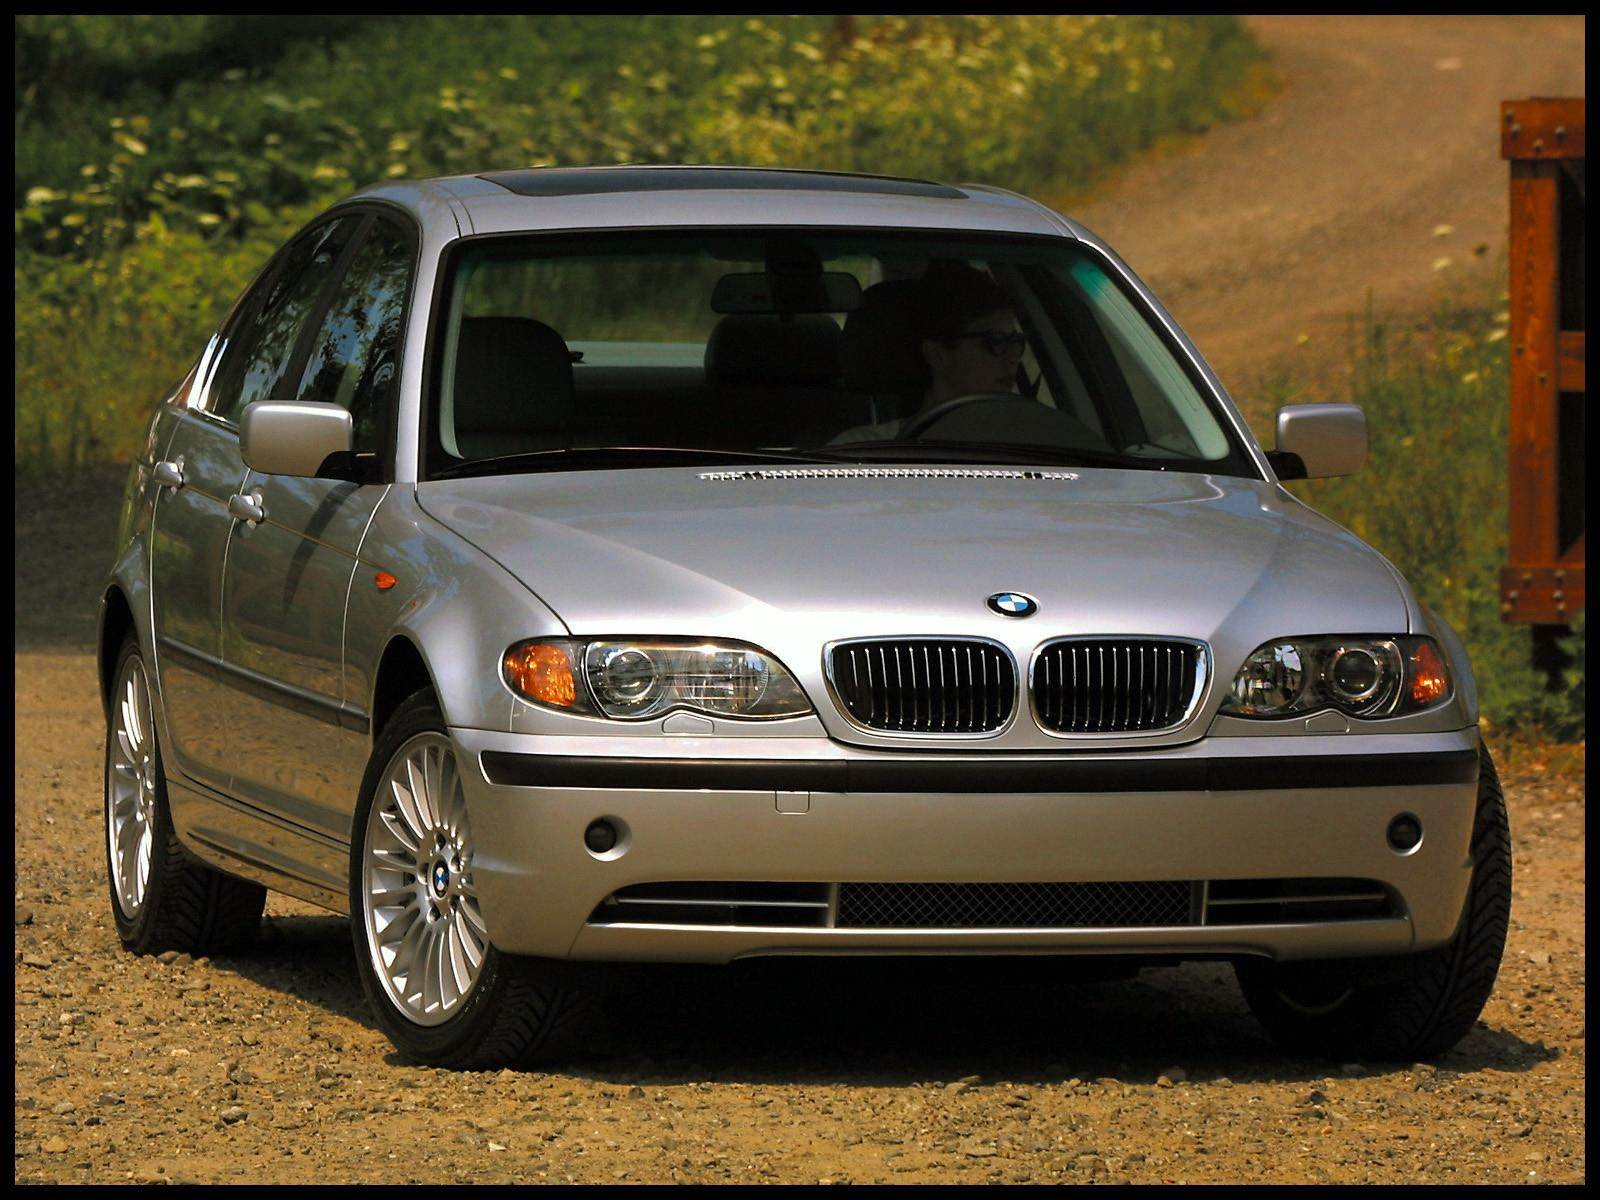 2003 Bmw 330i Specs Inspirational Bmw E46 330xi Specs 2003 Bmw 330i Specs Awesome Bmw